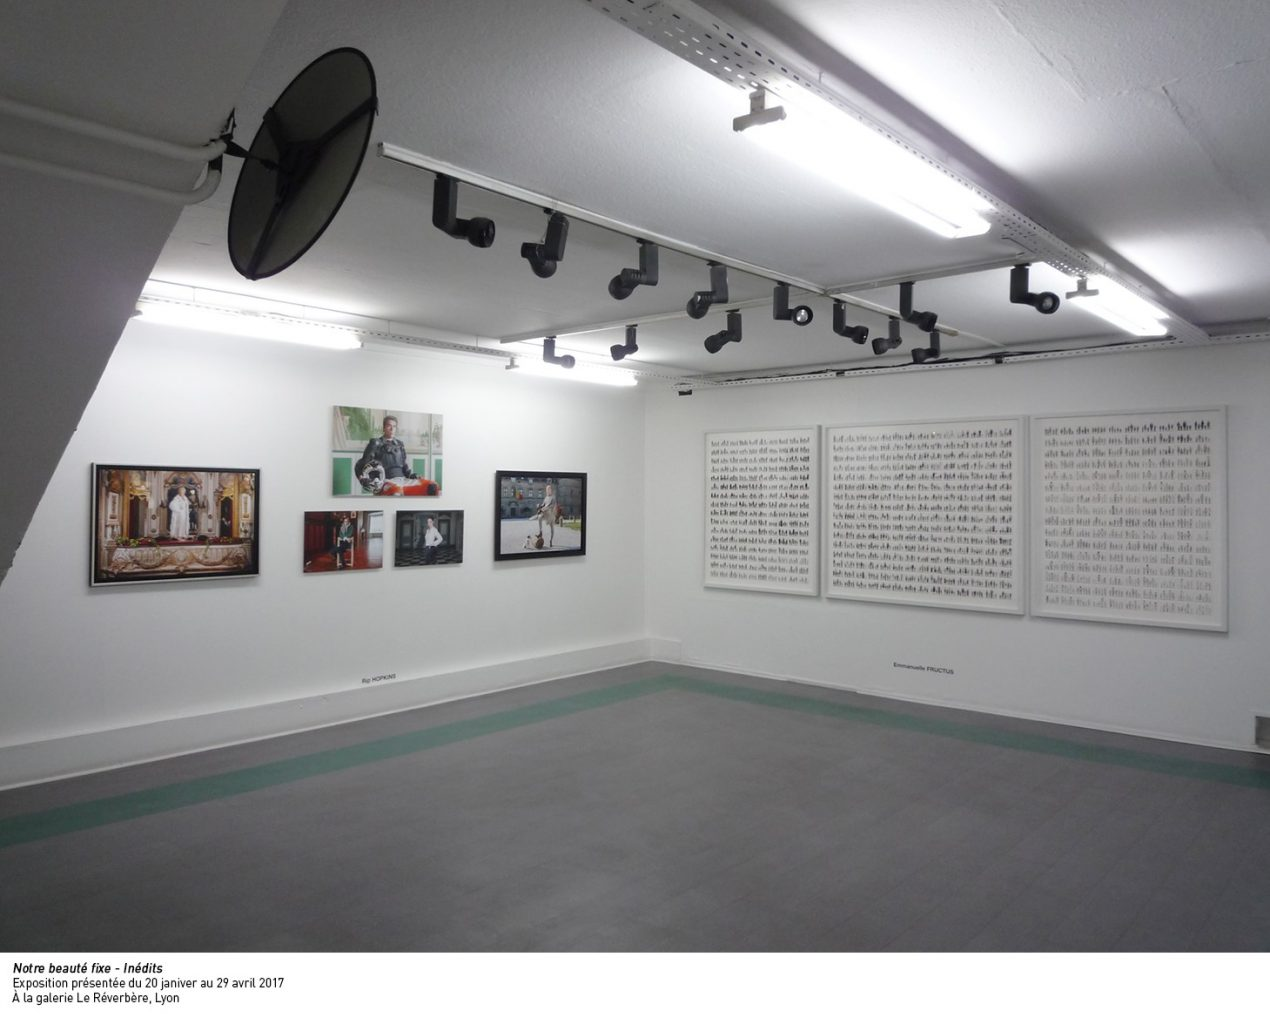 Notre beauté fixe Inédits Exposition présentée du 20 janvier au 29 avril 2017 ©Galerie Le Réverbère, Lyon